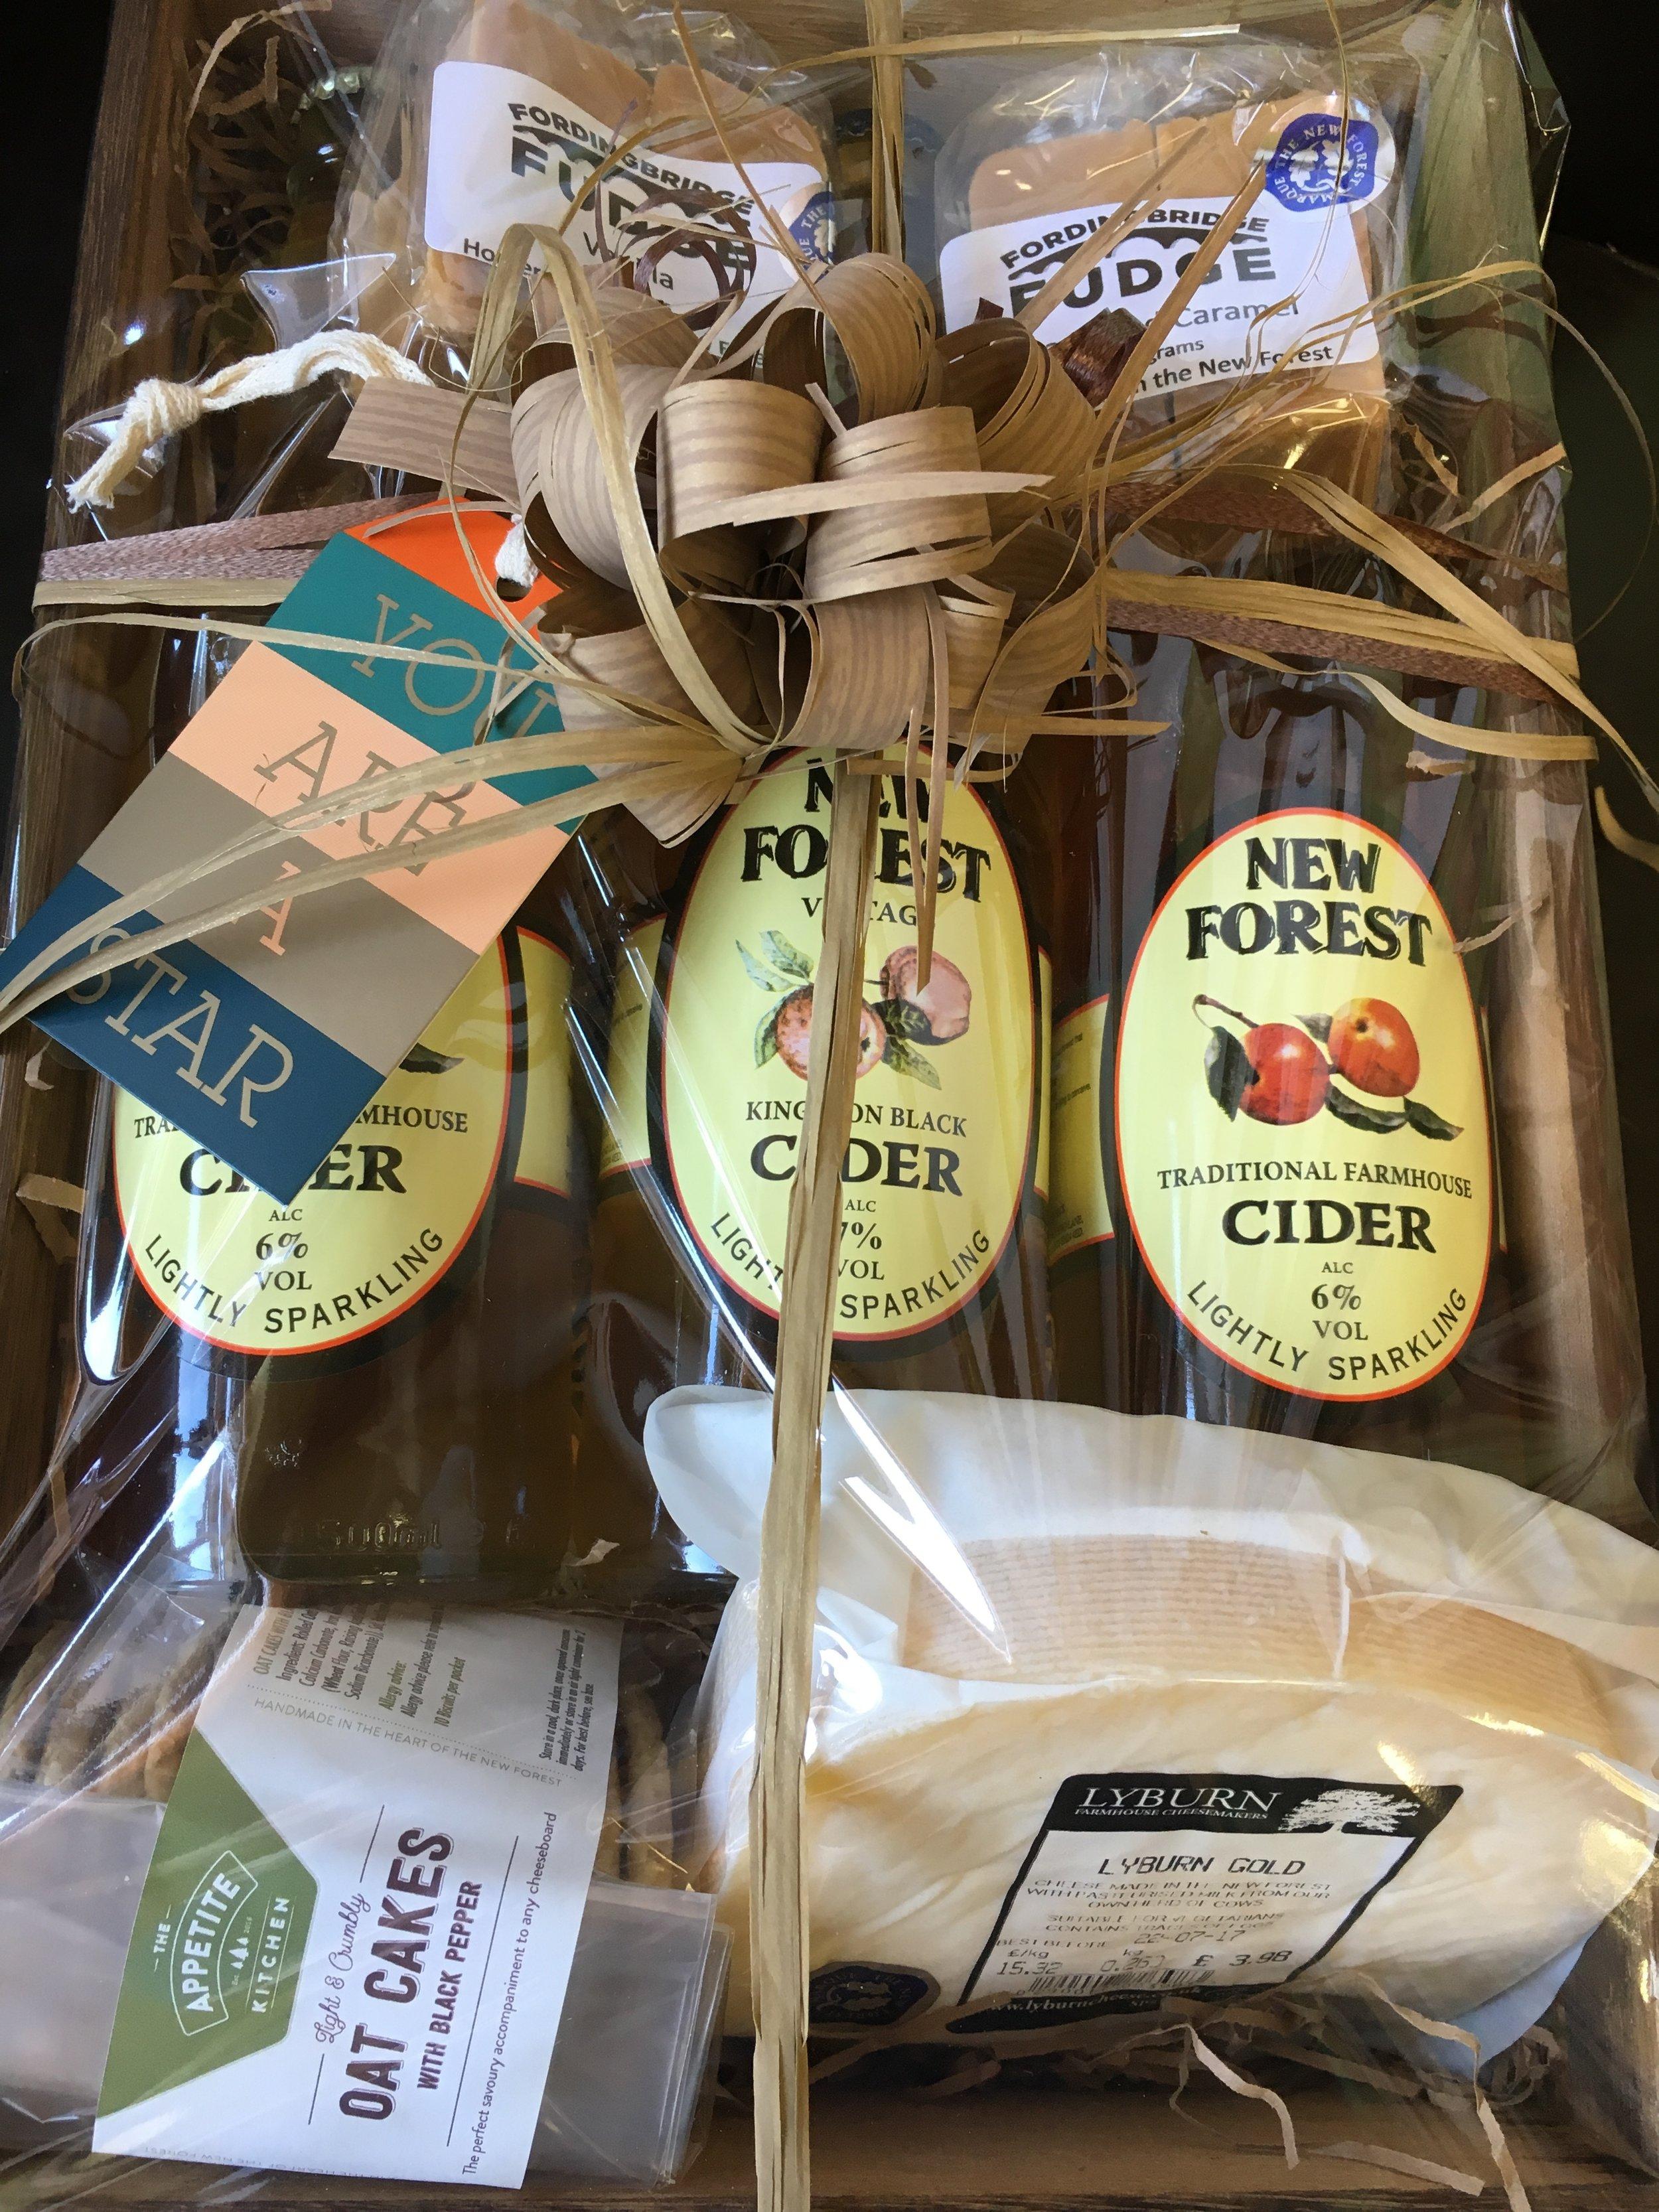 Visit New Forest Cider's Website >